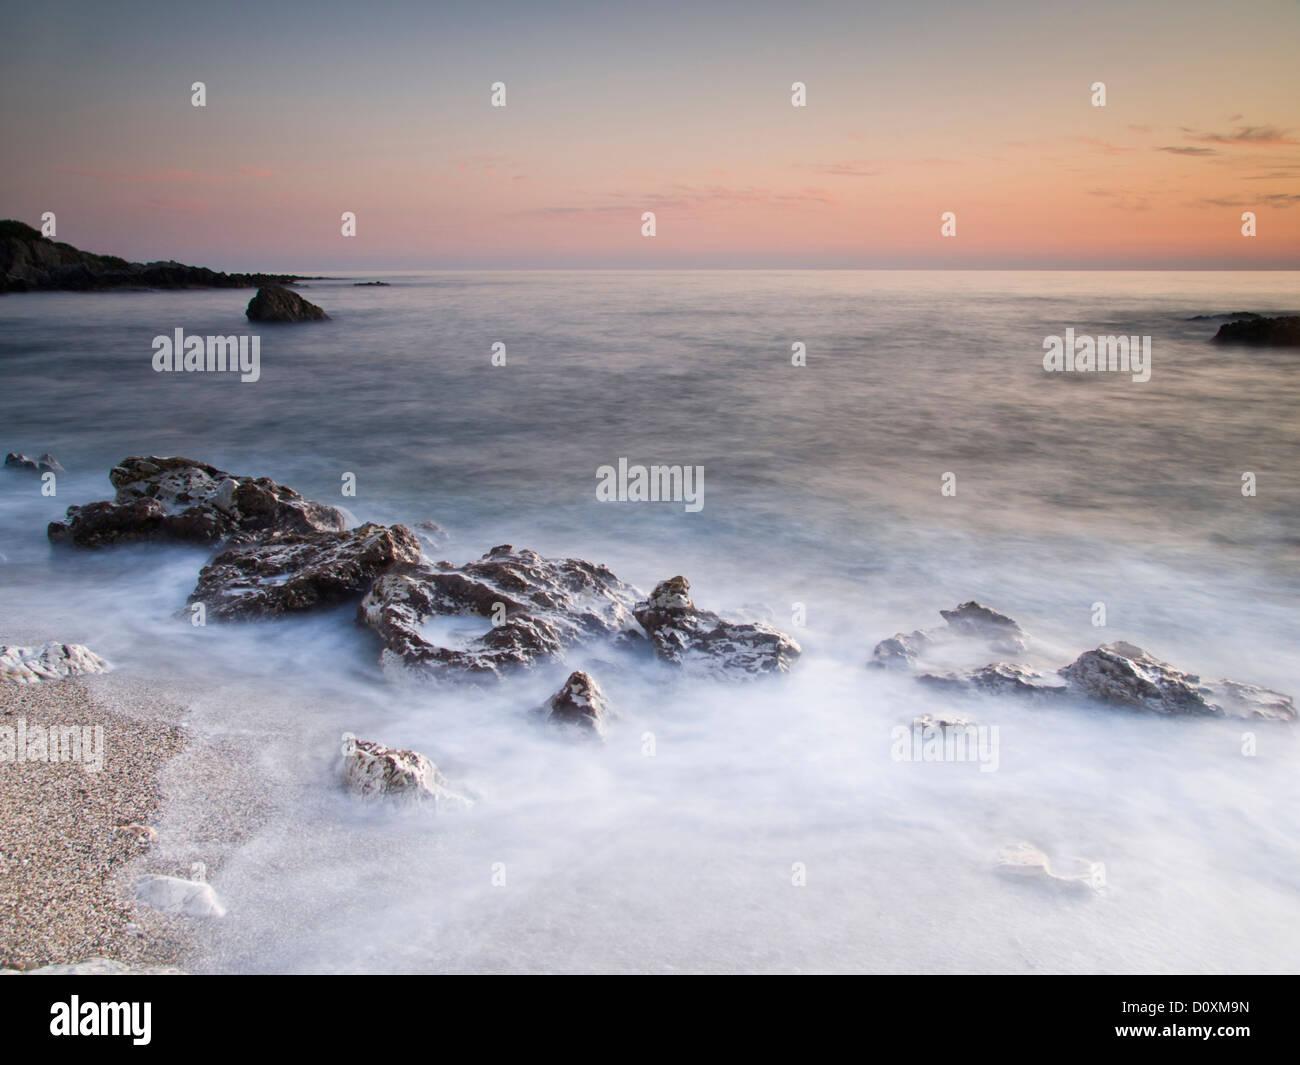 Kargicak, Mahmutlar, Anatolia, Asia, Asia Minor, Turkey, Mediterranean Sea, Mediterranean, maritime, sea, blue, - Stock Image